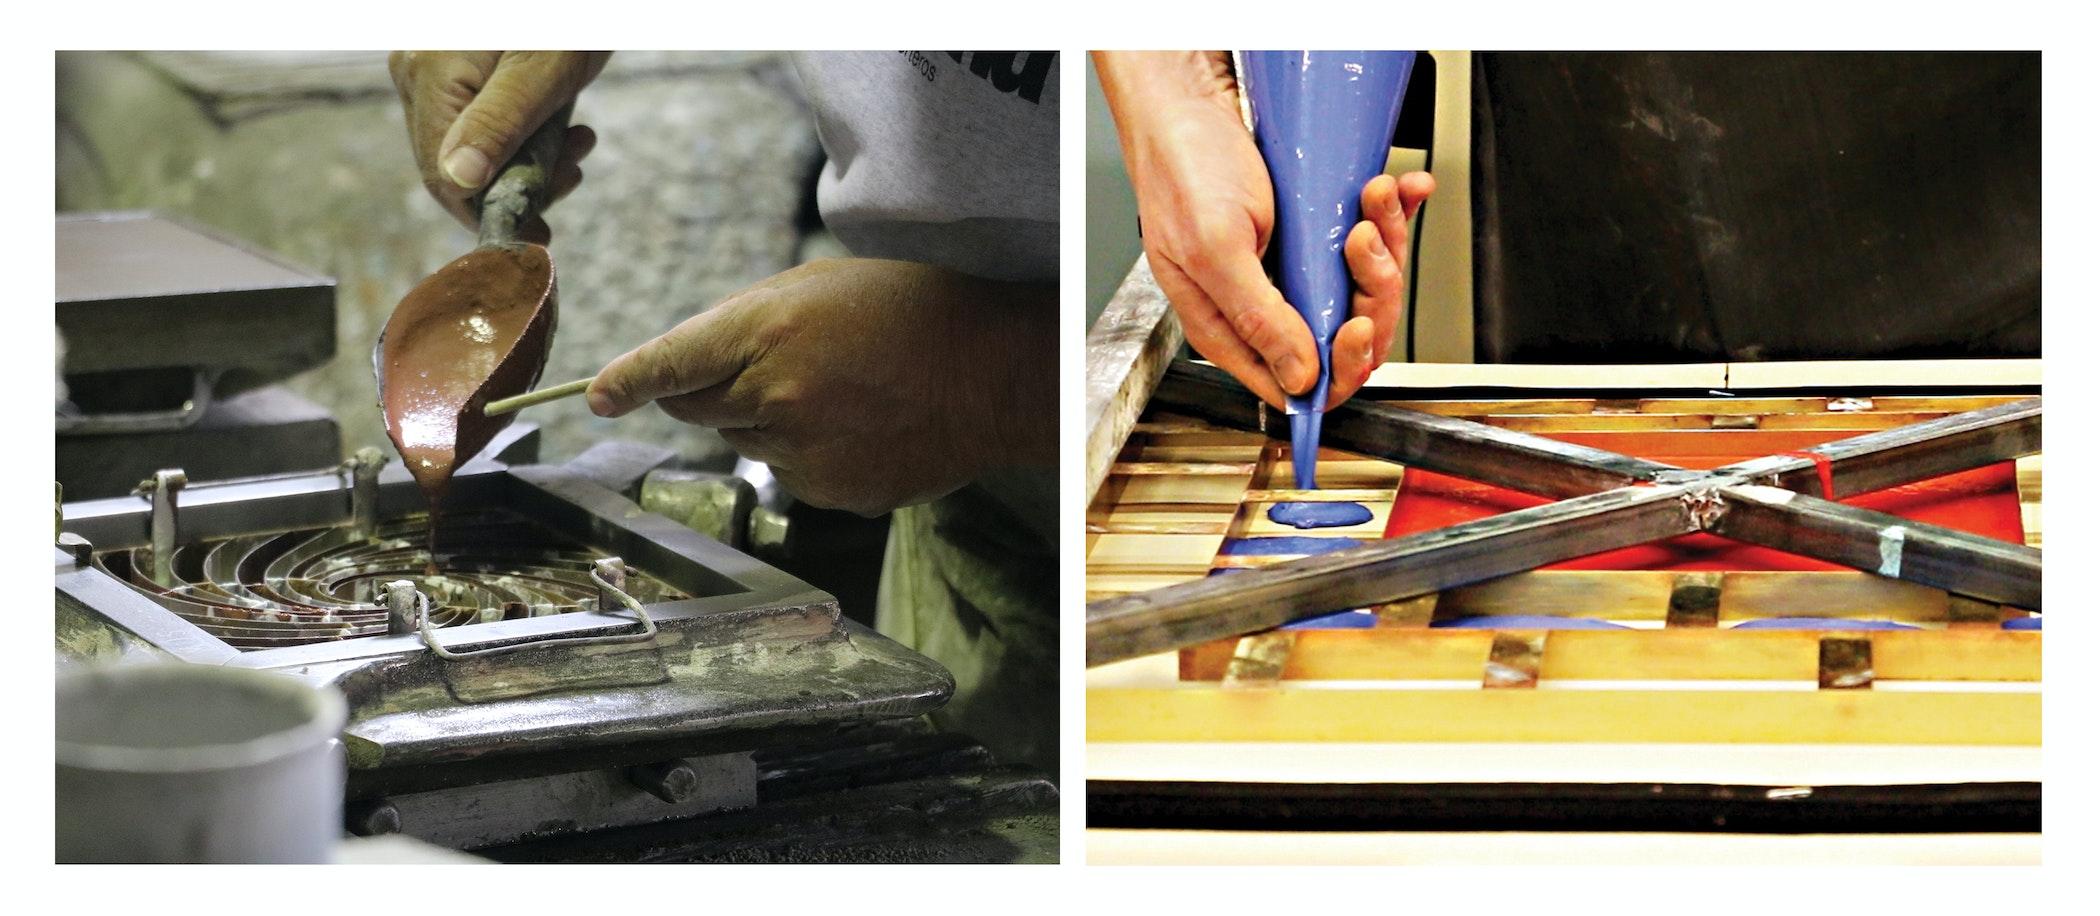 Encaustic tile fabrication process